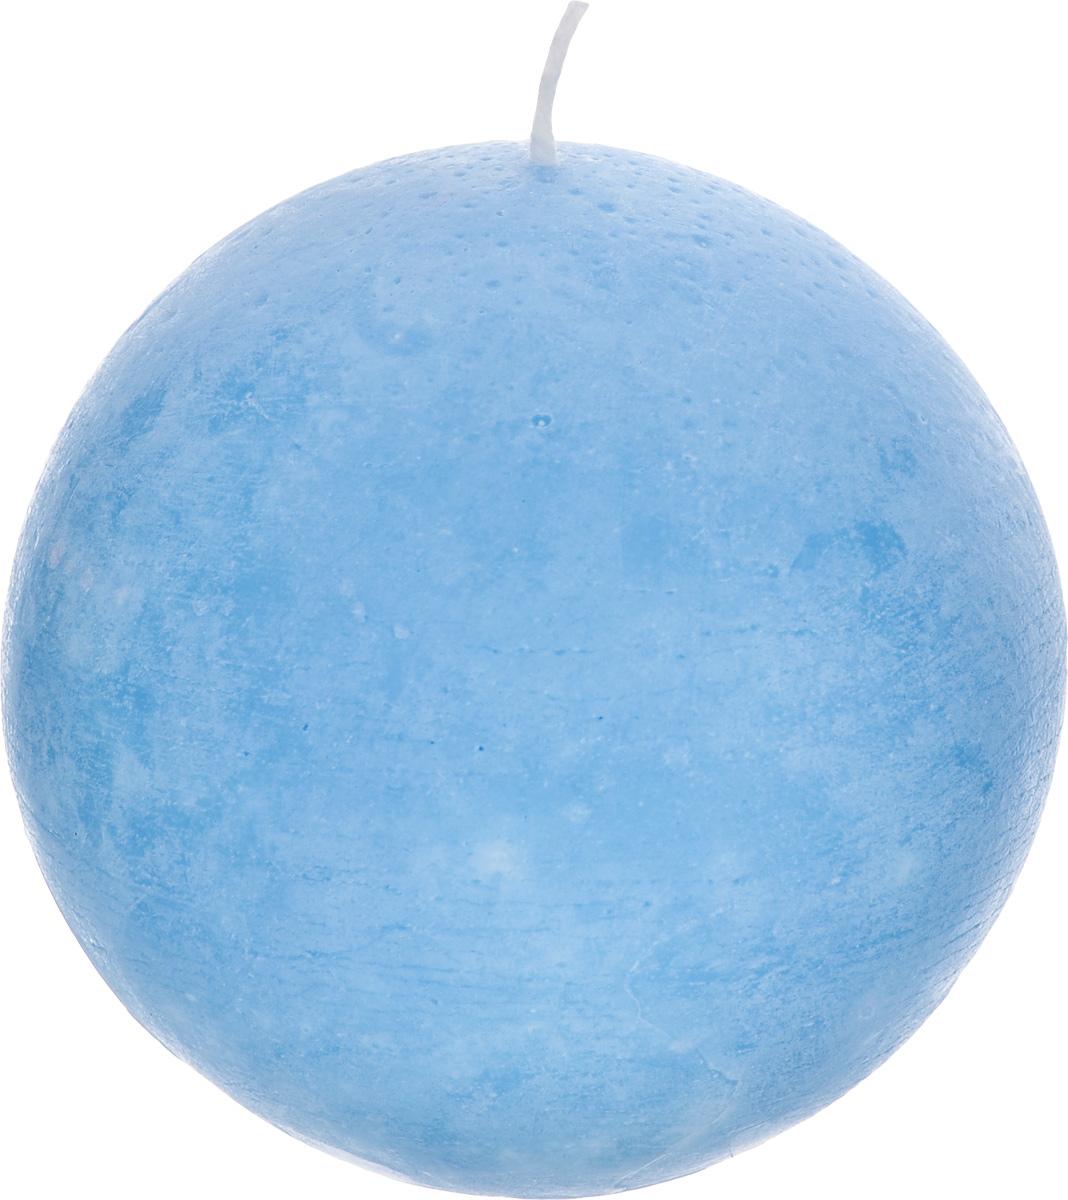 Свеча декоративная Proffi Шар, цвет: голубой, диаметр 8,5 смPH3462Шарообразная декоративная свеча Proffi Шар изготовлена из парафина и стеарина. Предназначена для освещения и украшения помещений. Такая свеча может стать отличным подарком или дополнить интерьер вашей спальни или гостиной.